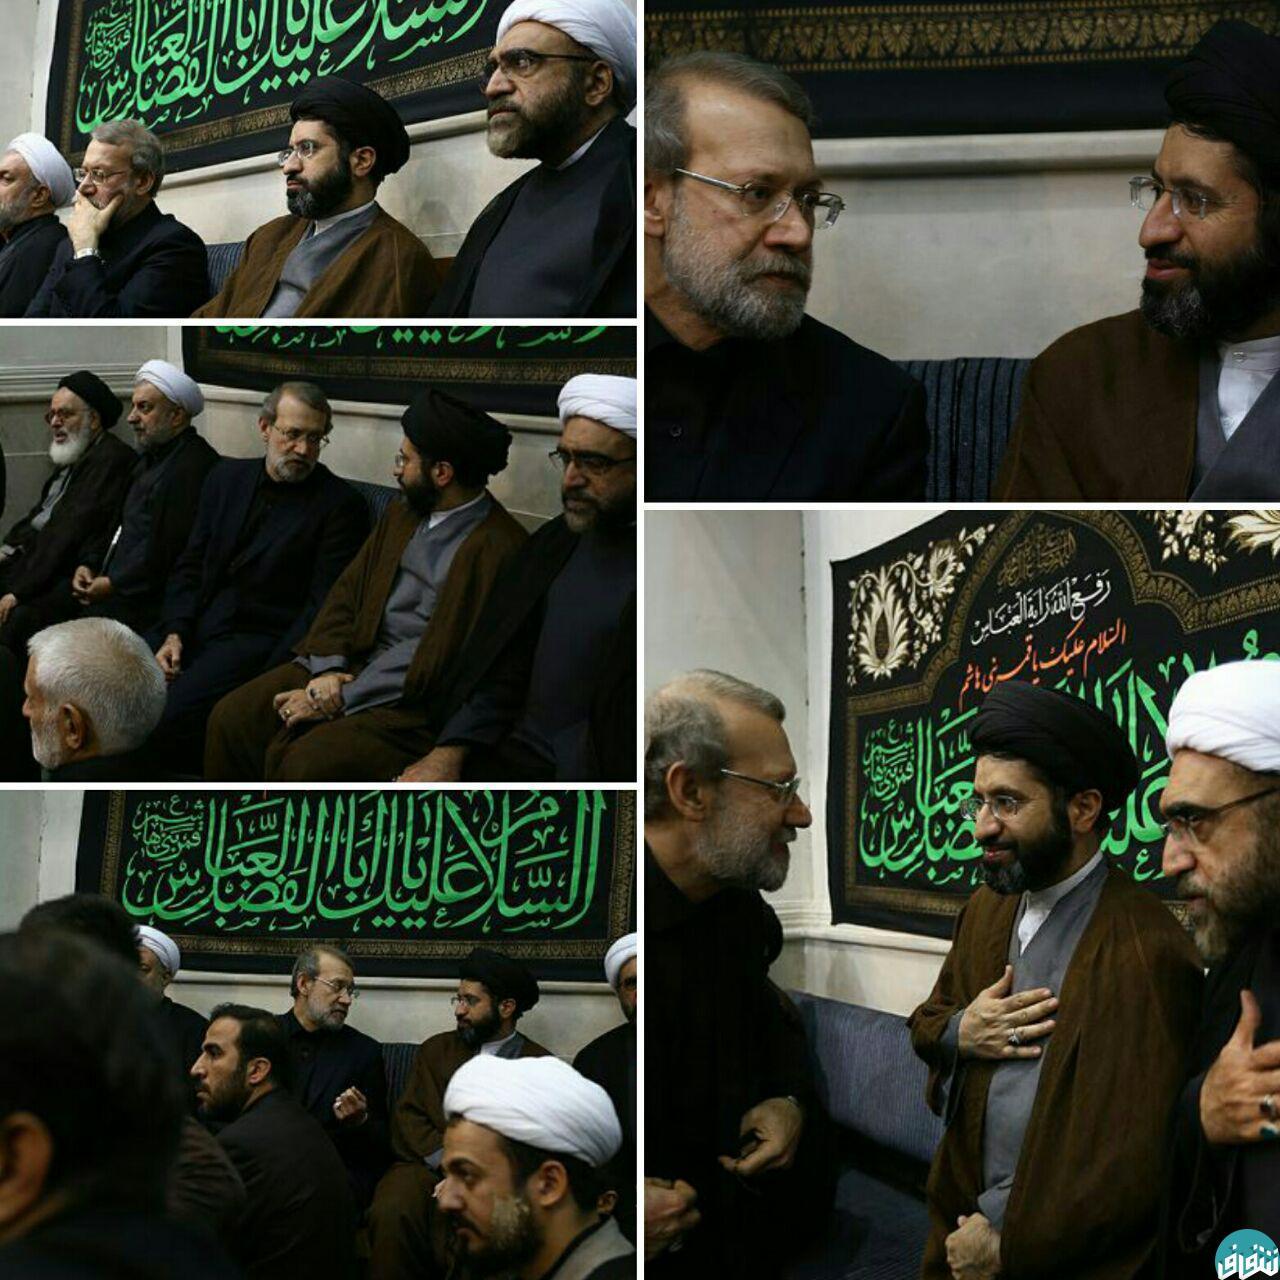 عکس/ خوش و بش مسعود خامنه ای و علی لاریجانی